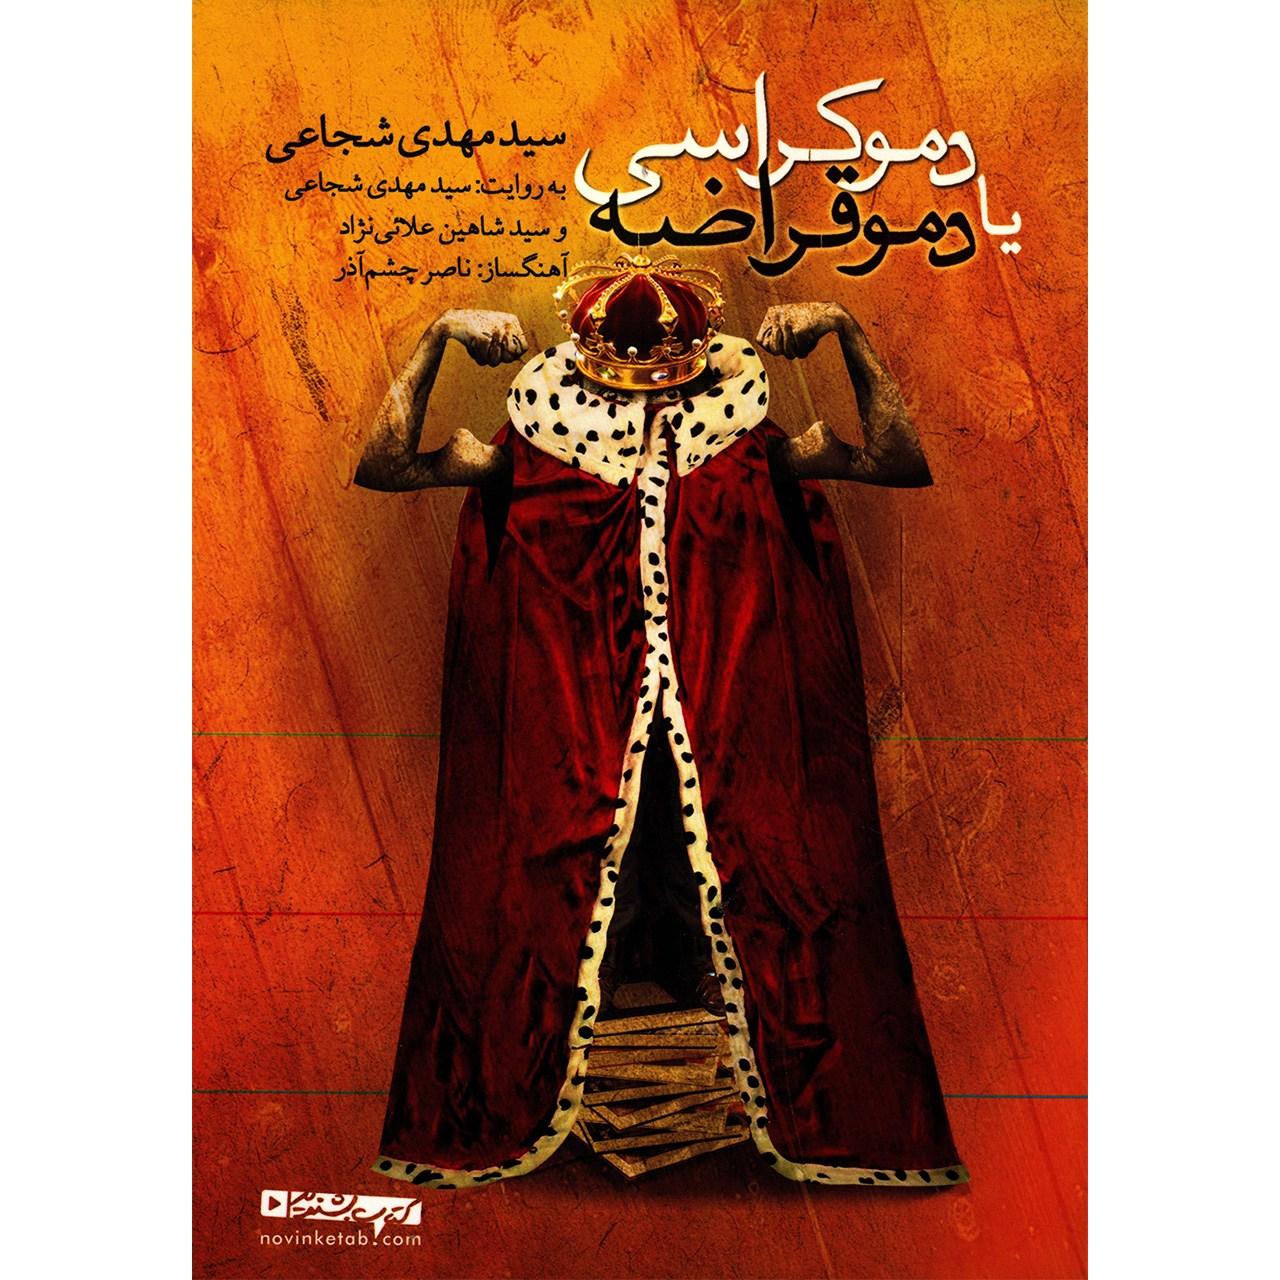 کتاب صوتی دموکراسی یا دموقراضه اثر سید مهدی شجاعی